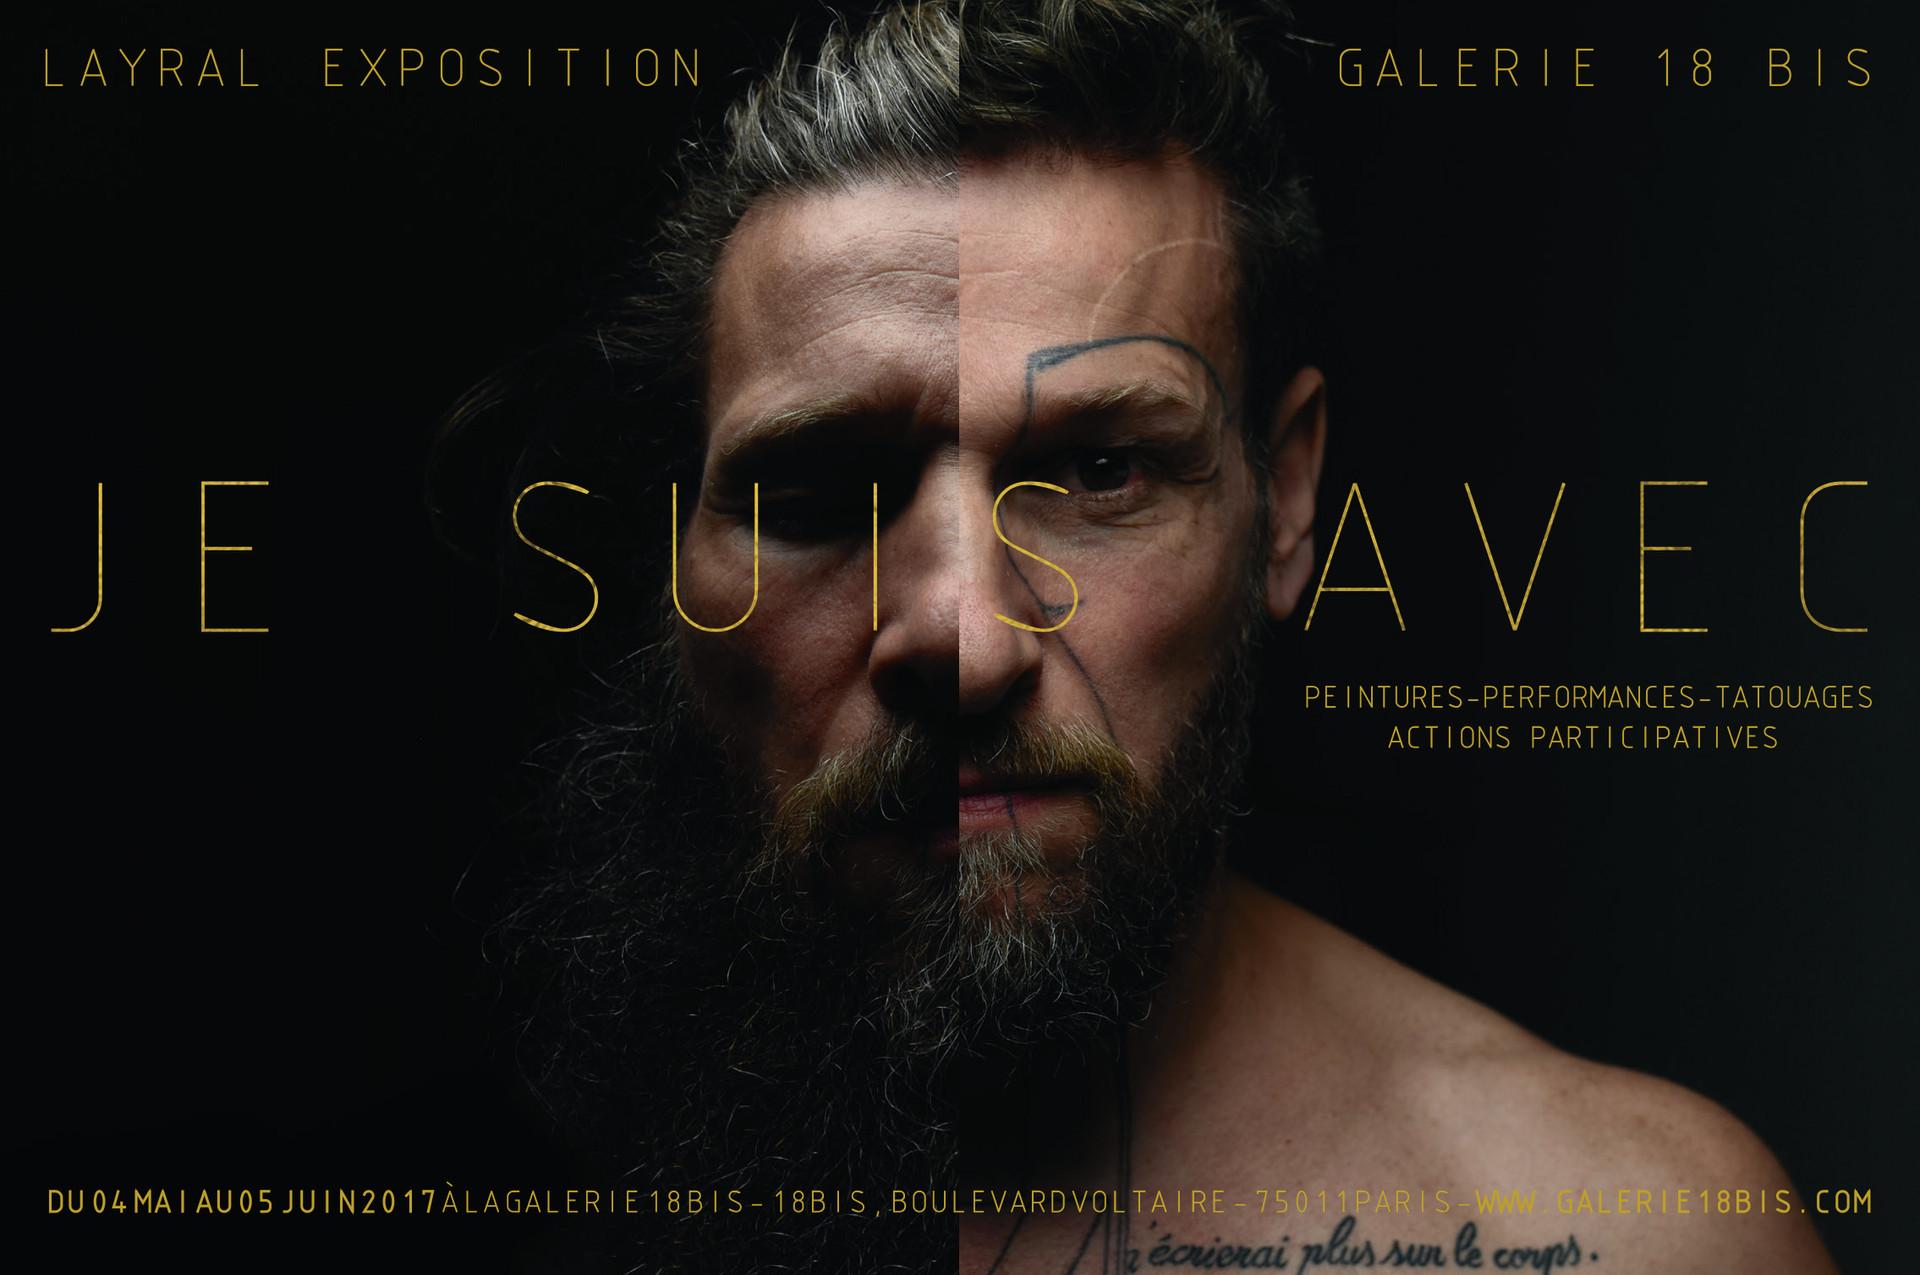 2017 Paris, Galerie 18Bis